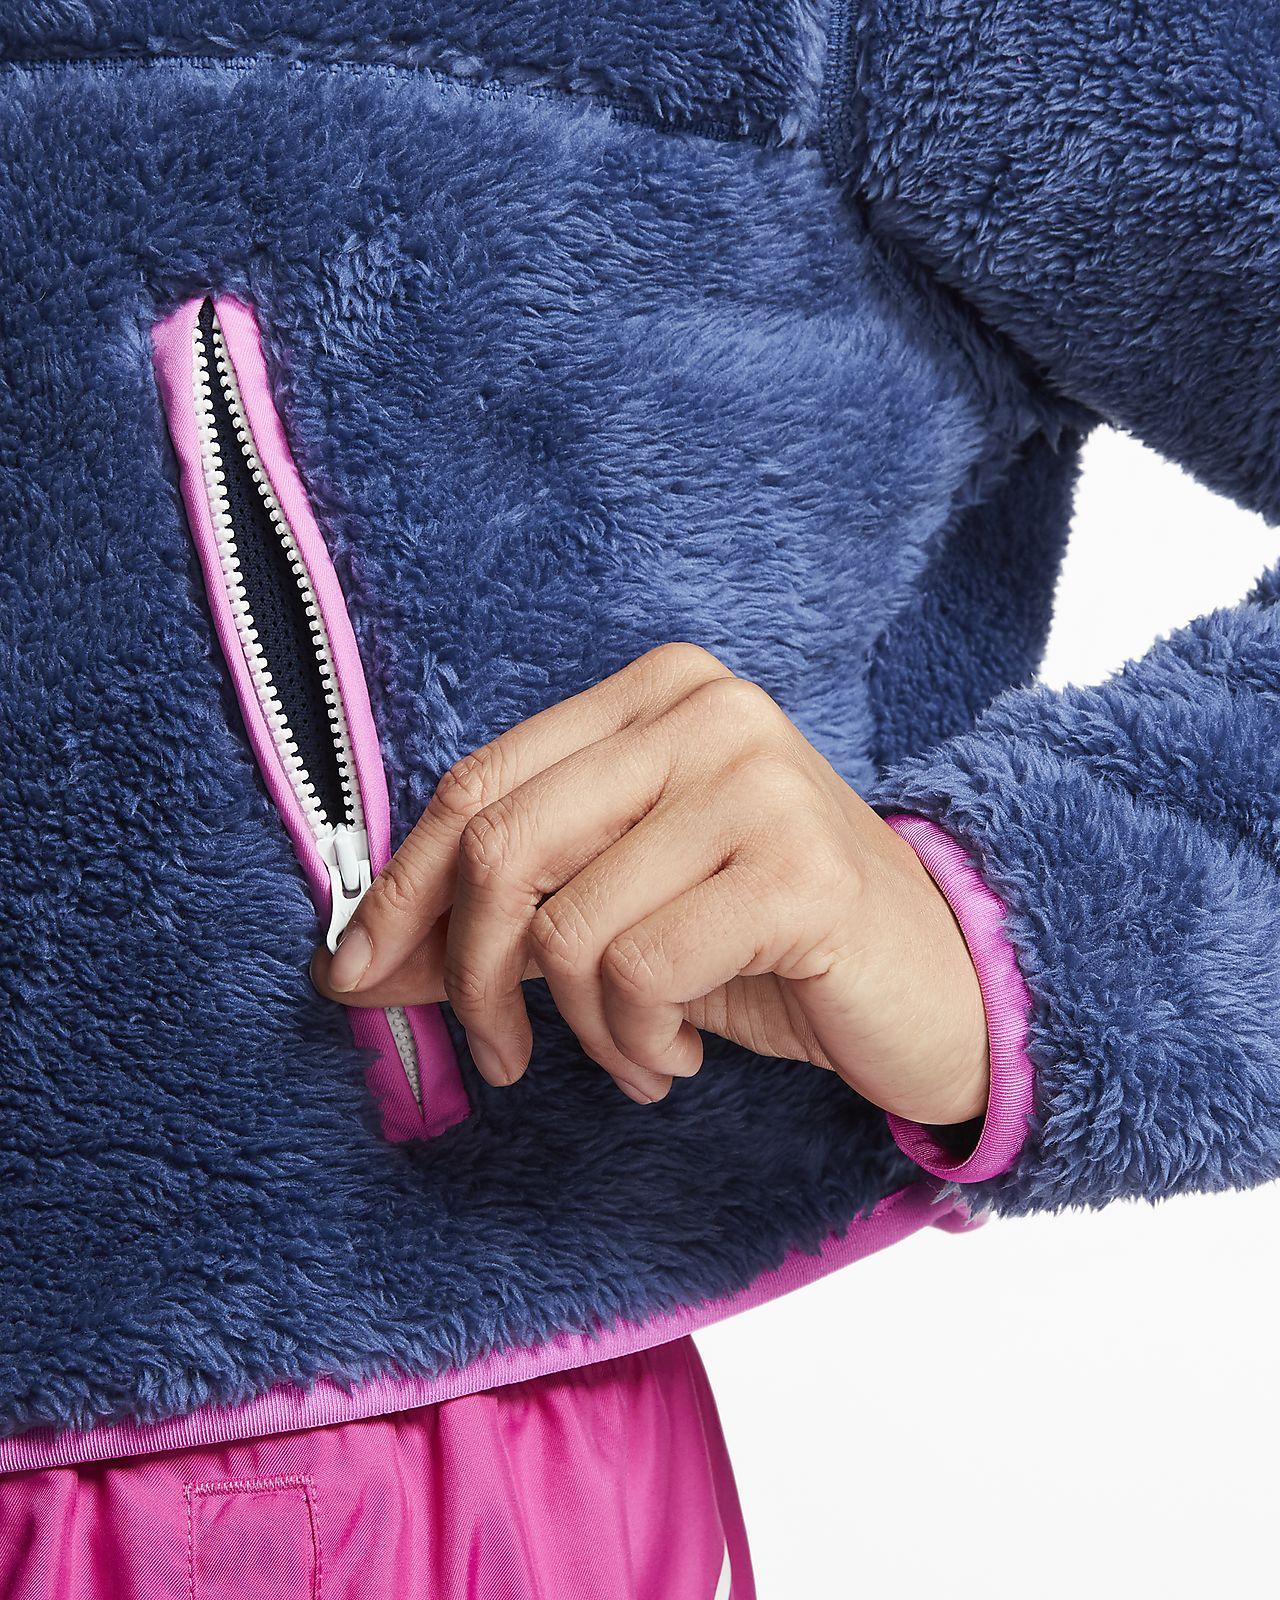 nike women's 3/4 zip sweatshirt